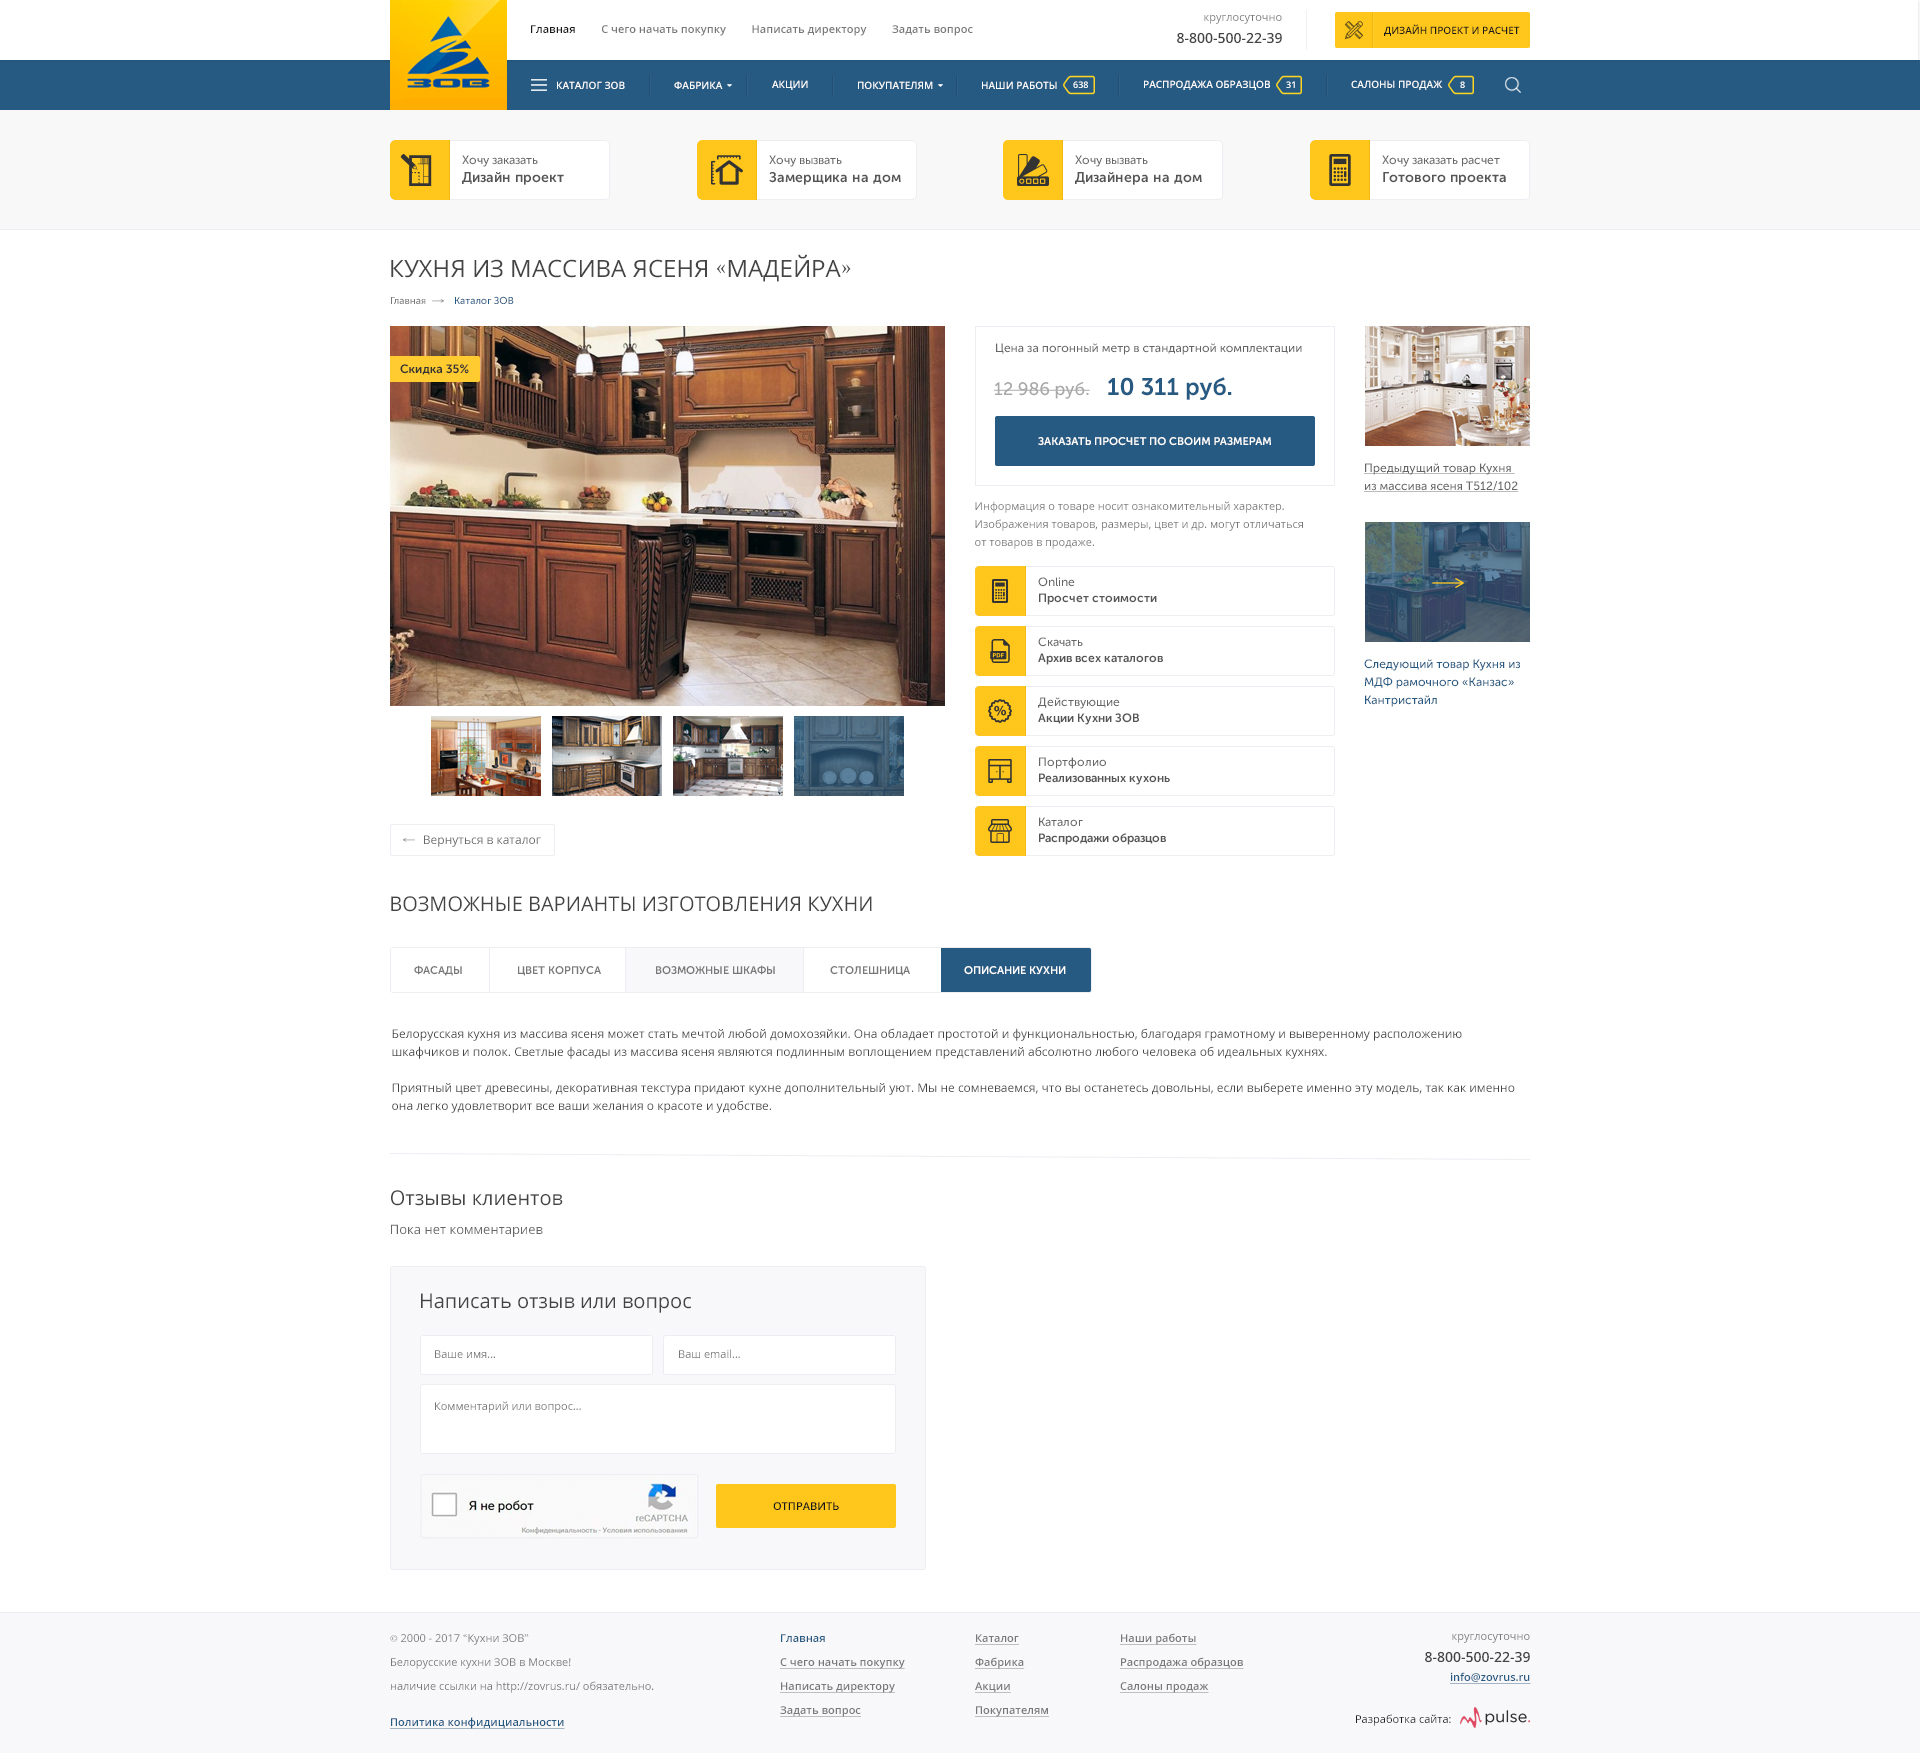 Редизайн интернет каталога ЗОВ КУХНИ в Москве